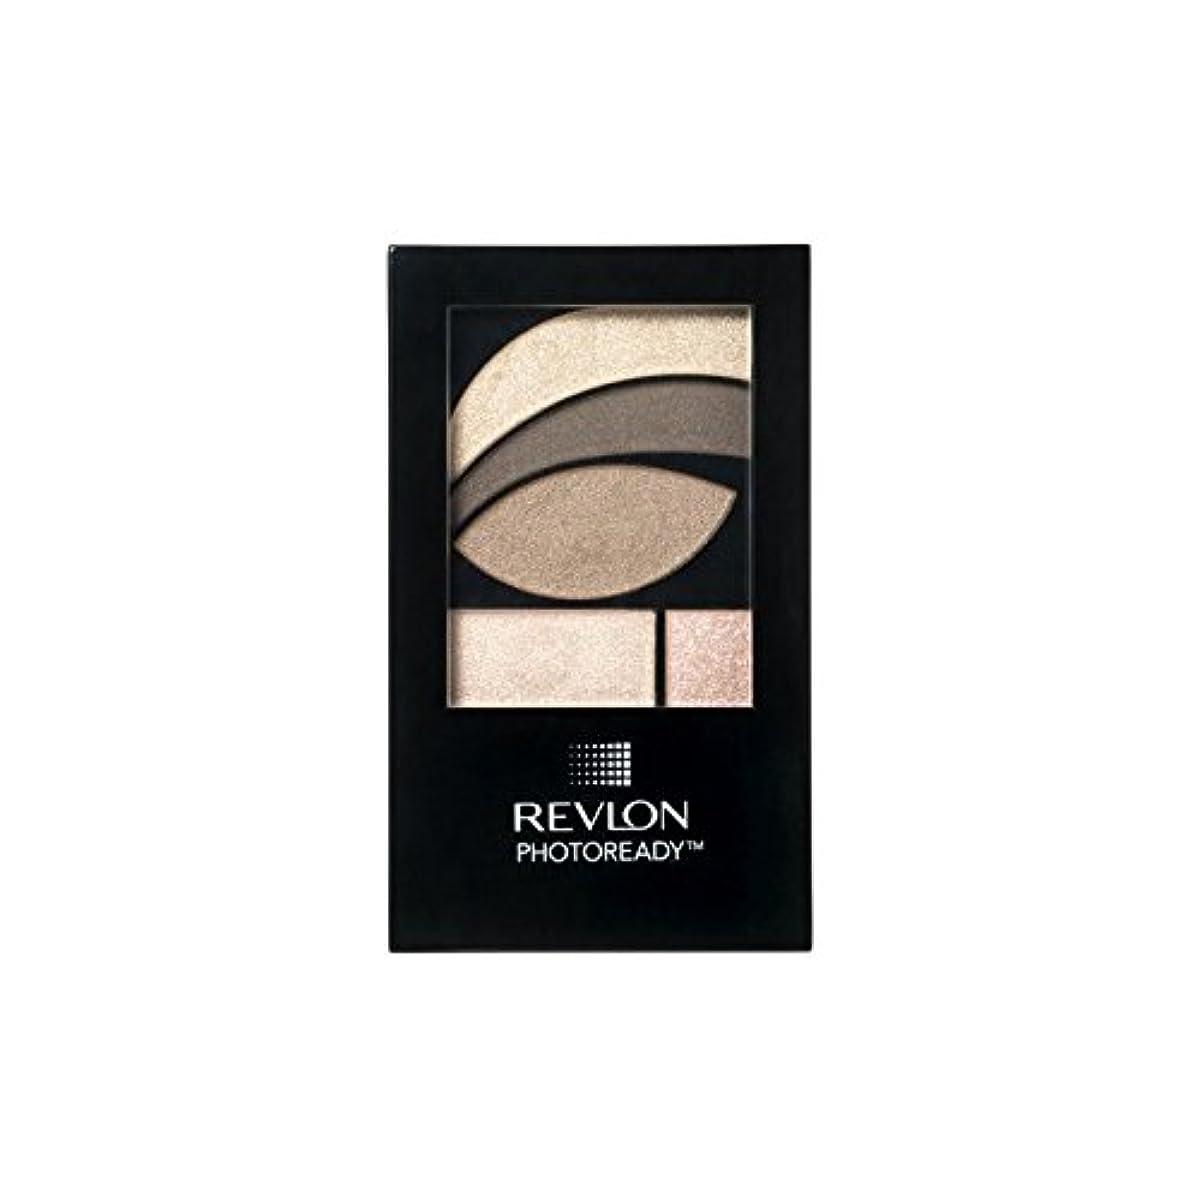 アンソロジー長老継承レブロンアイシャドウの写真プライマー印象派 x2 - Revlon Eye Shadow Photo R Primer Impressionist (Pack of 2) [並行輸入品]